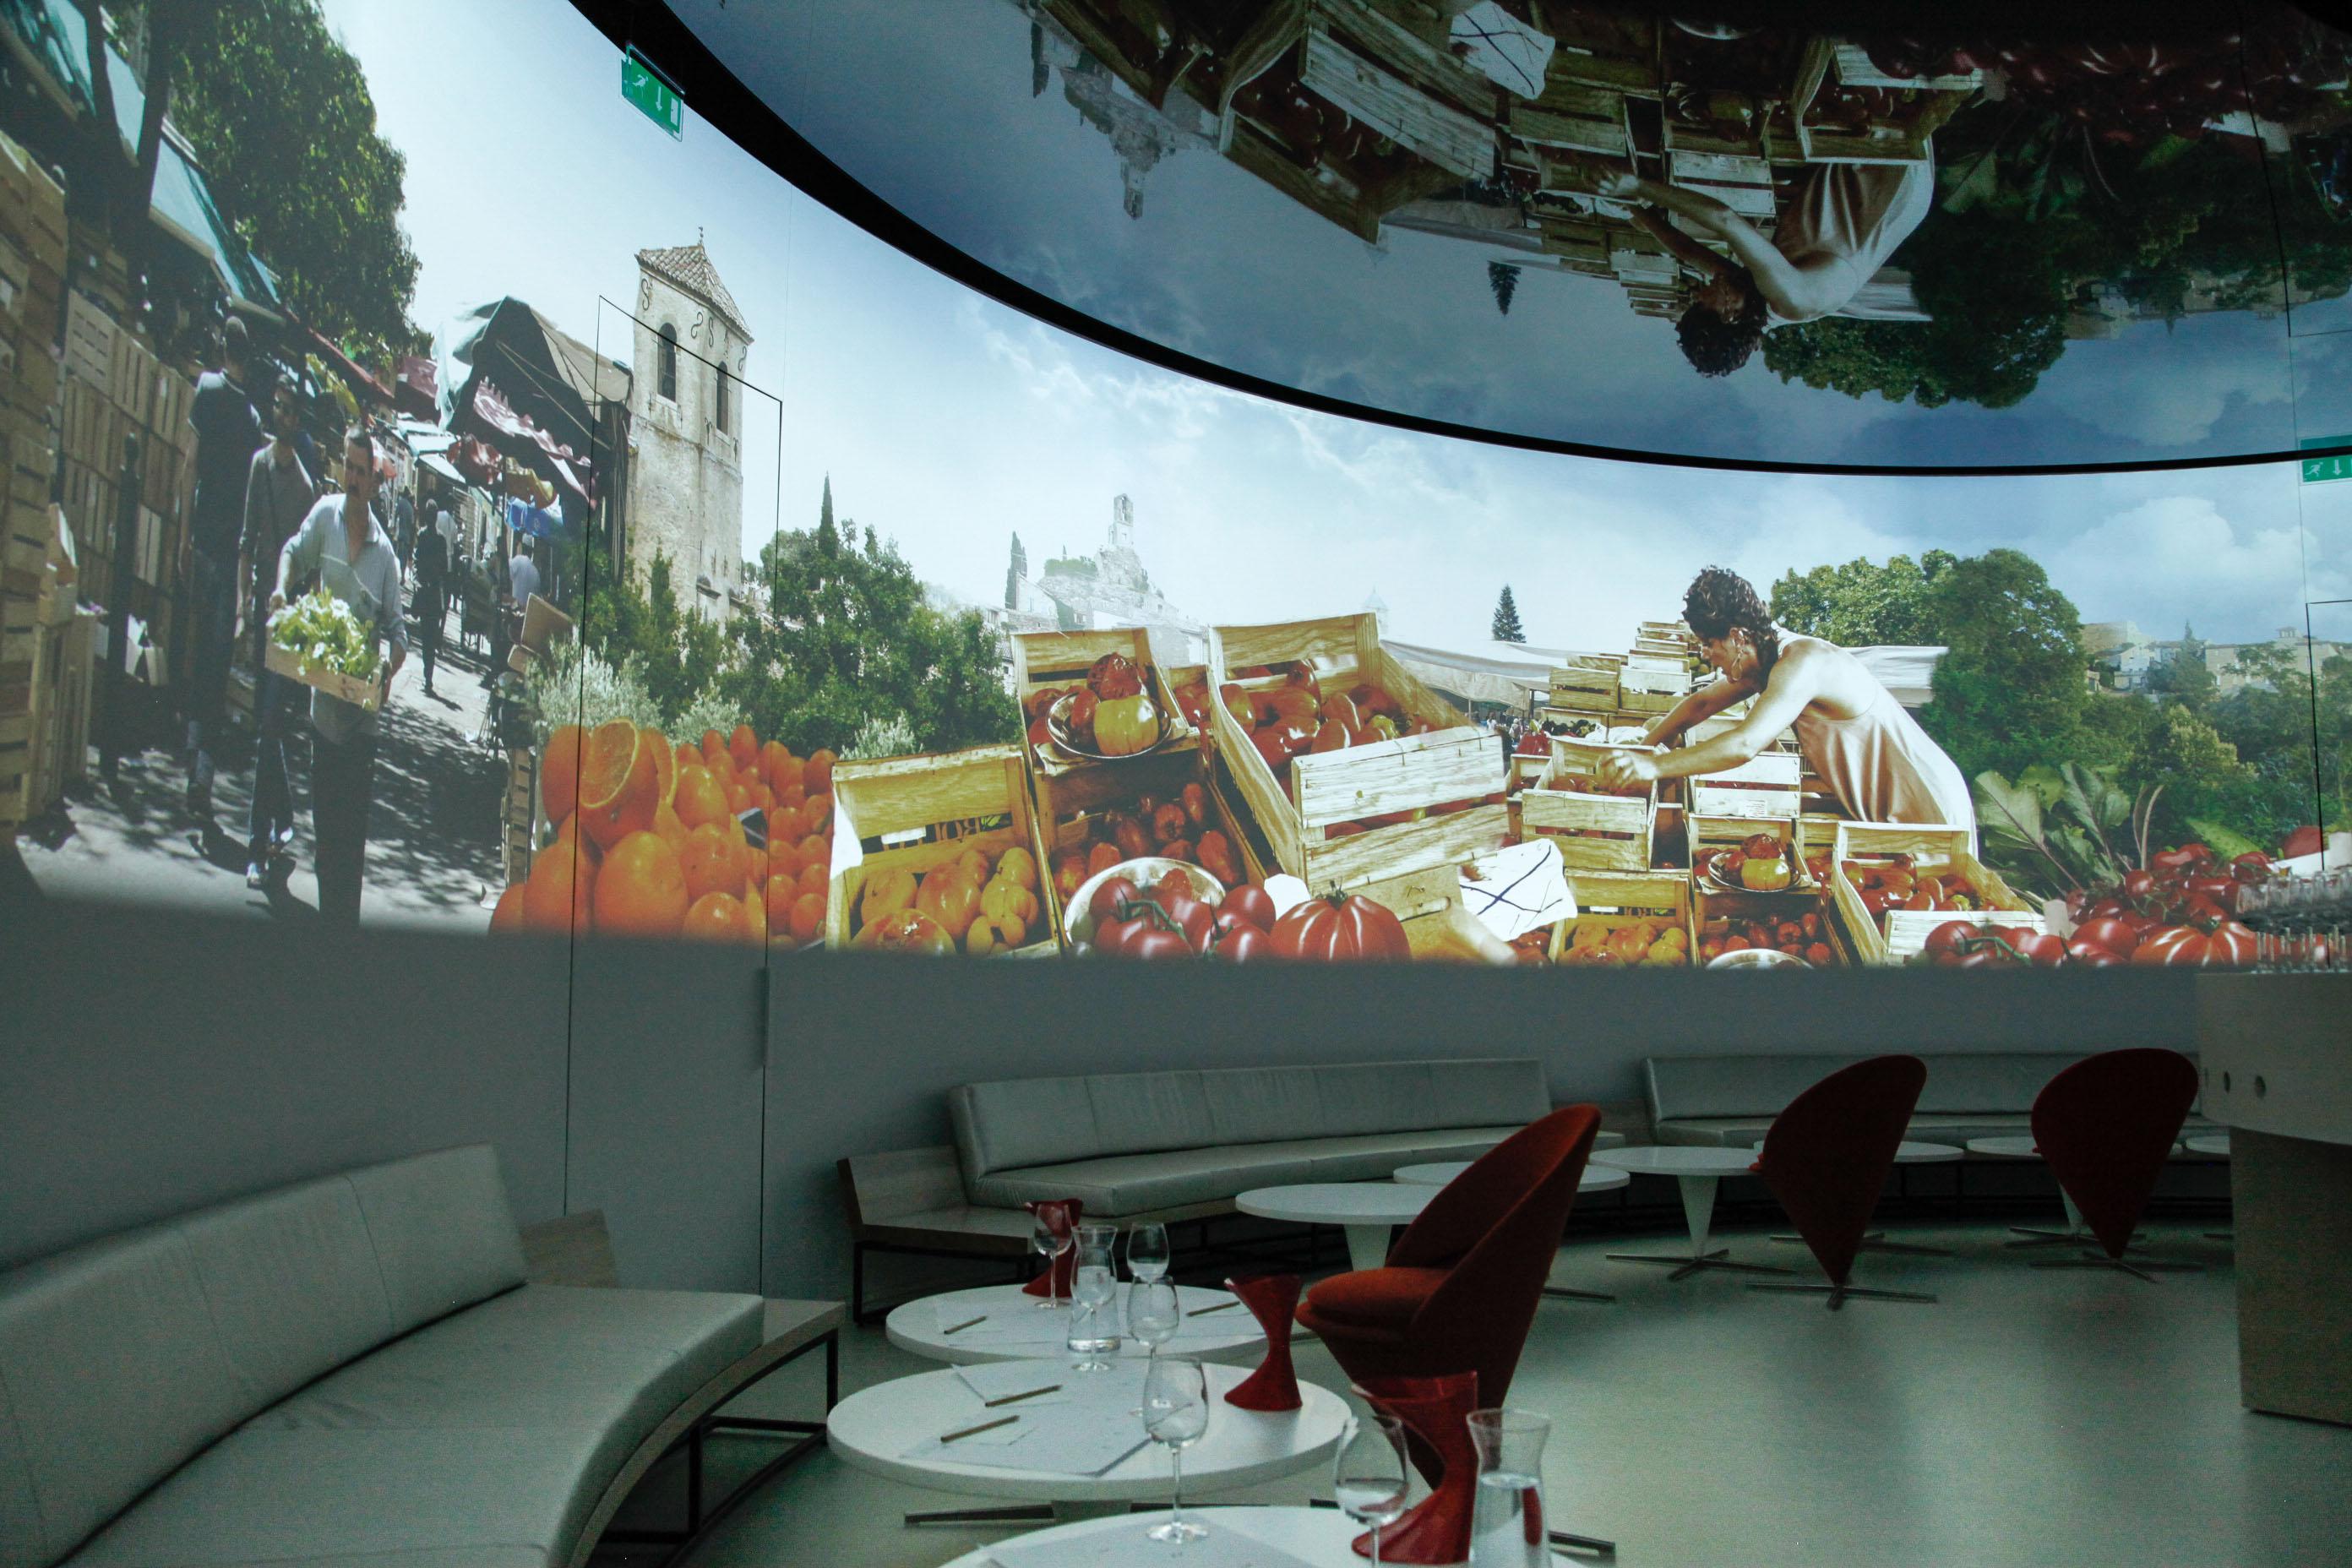 Zum Weinbaumuseum gehört ein multimedialer Sensorik-Raum. Ein Duft wird eingeleitet, er muss erraten werden.